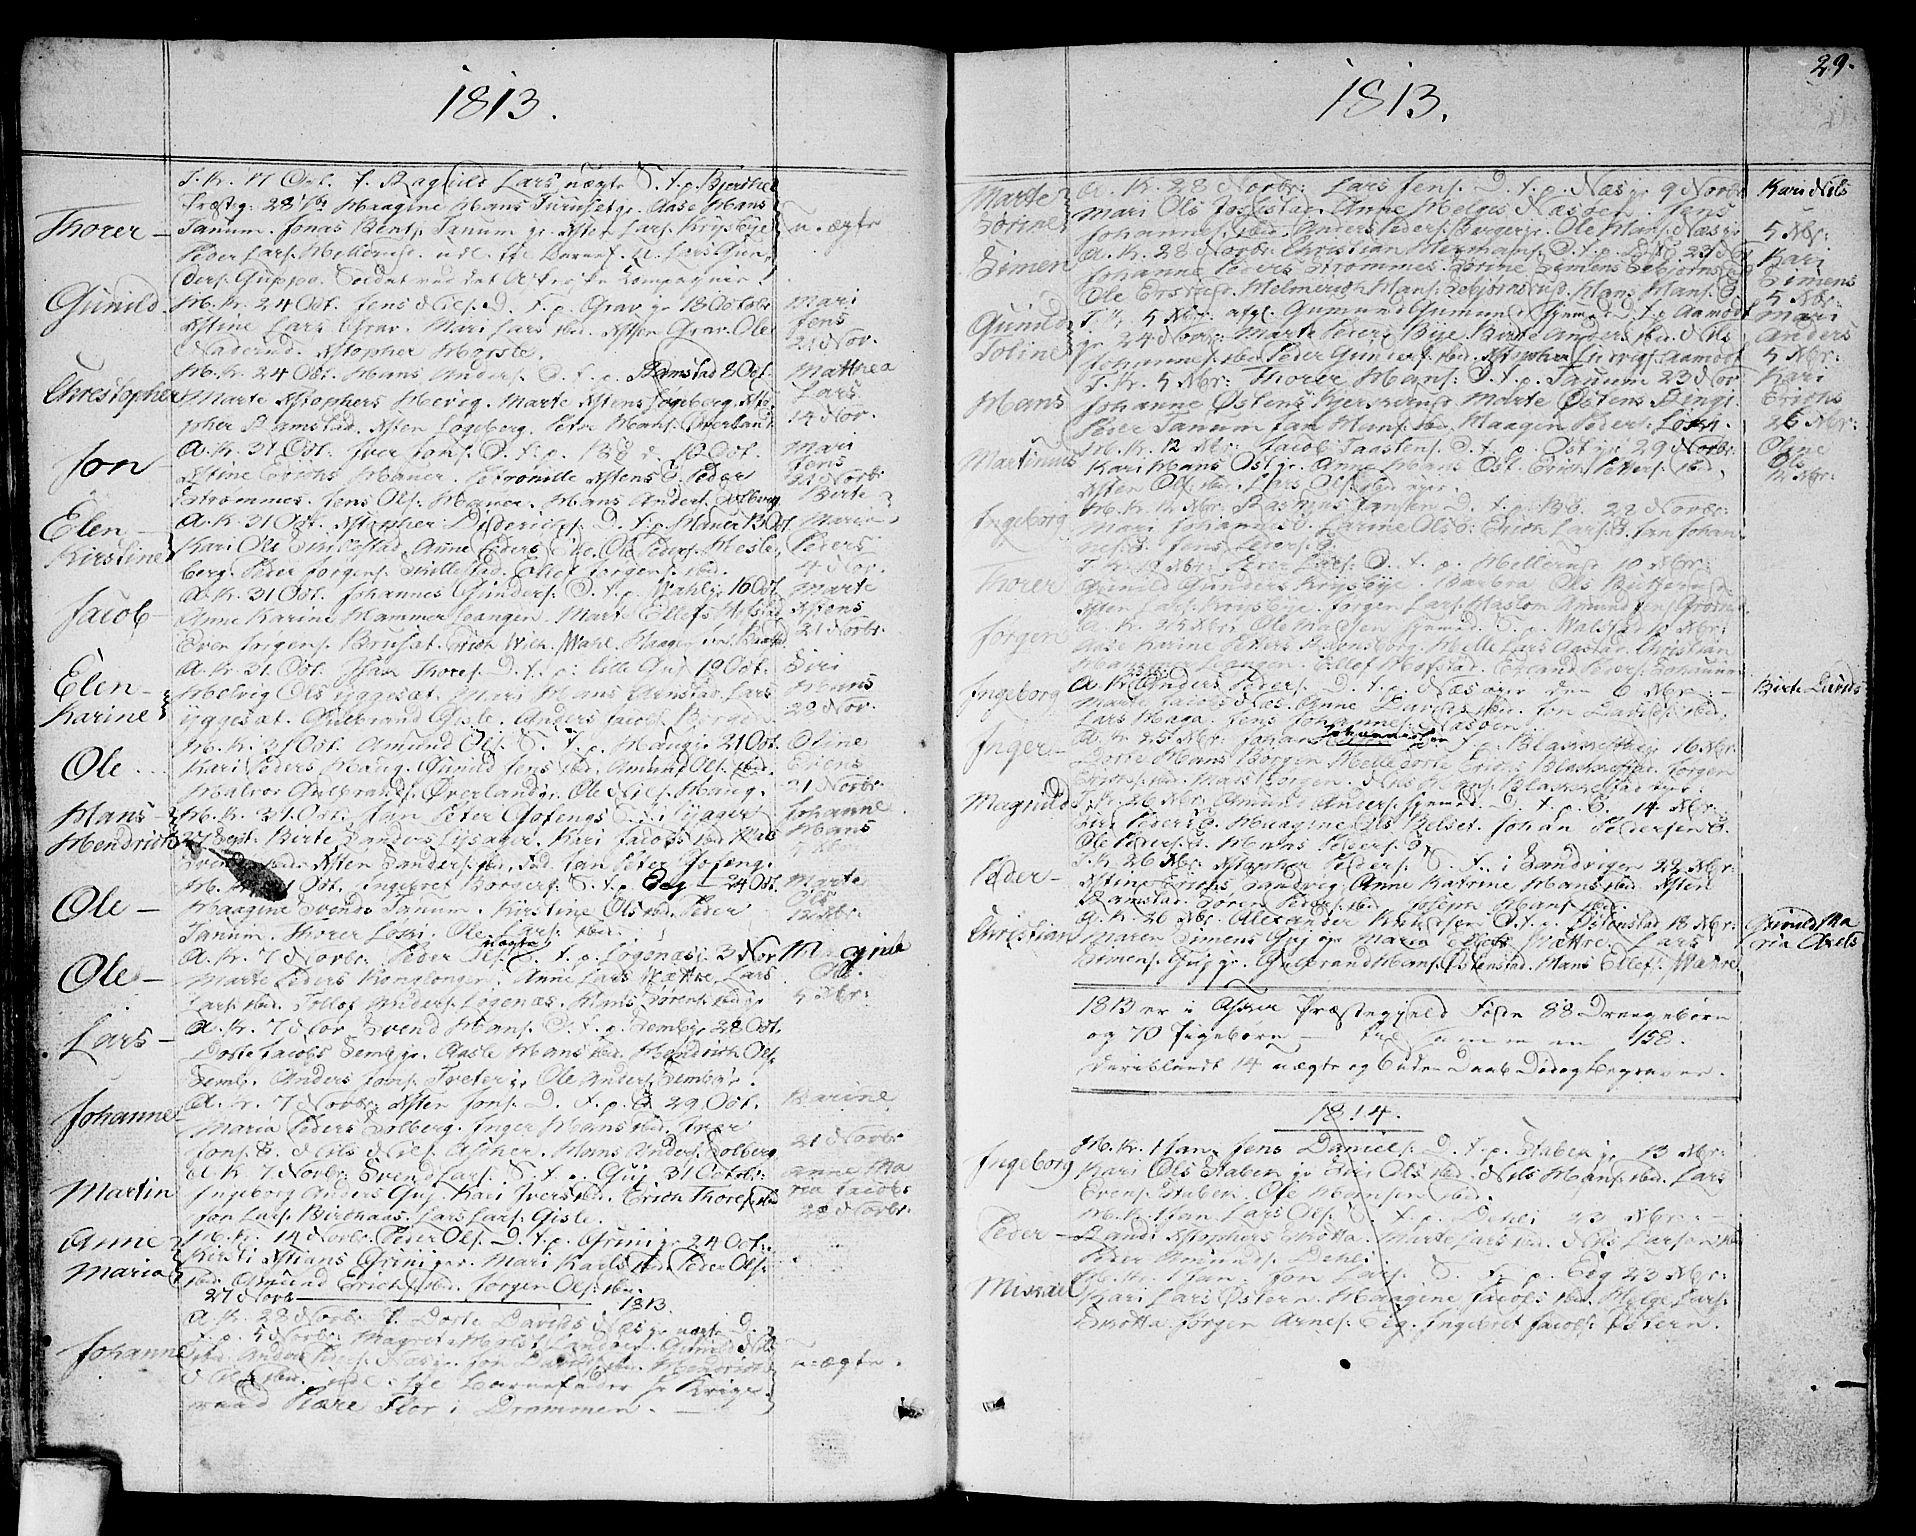 SAO, Asker prestekontor Kirkebøker, F/Fa/L0005: Ministerialbok nr. I 5, 1807-1813, s. 29